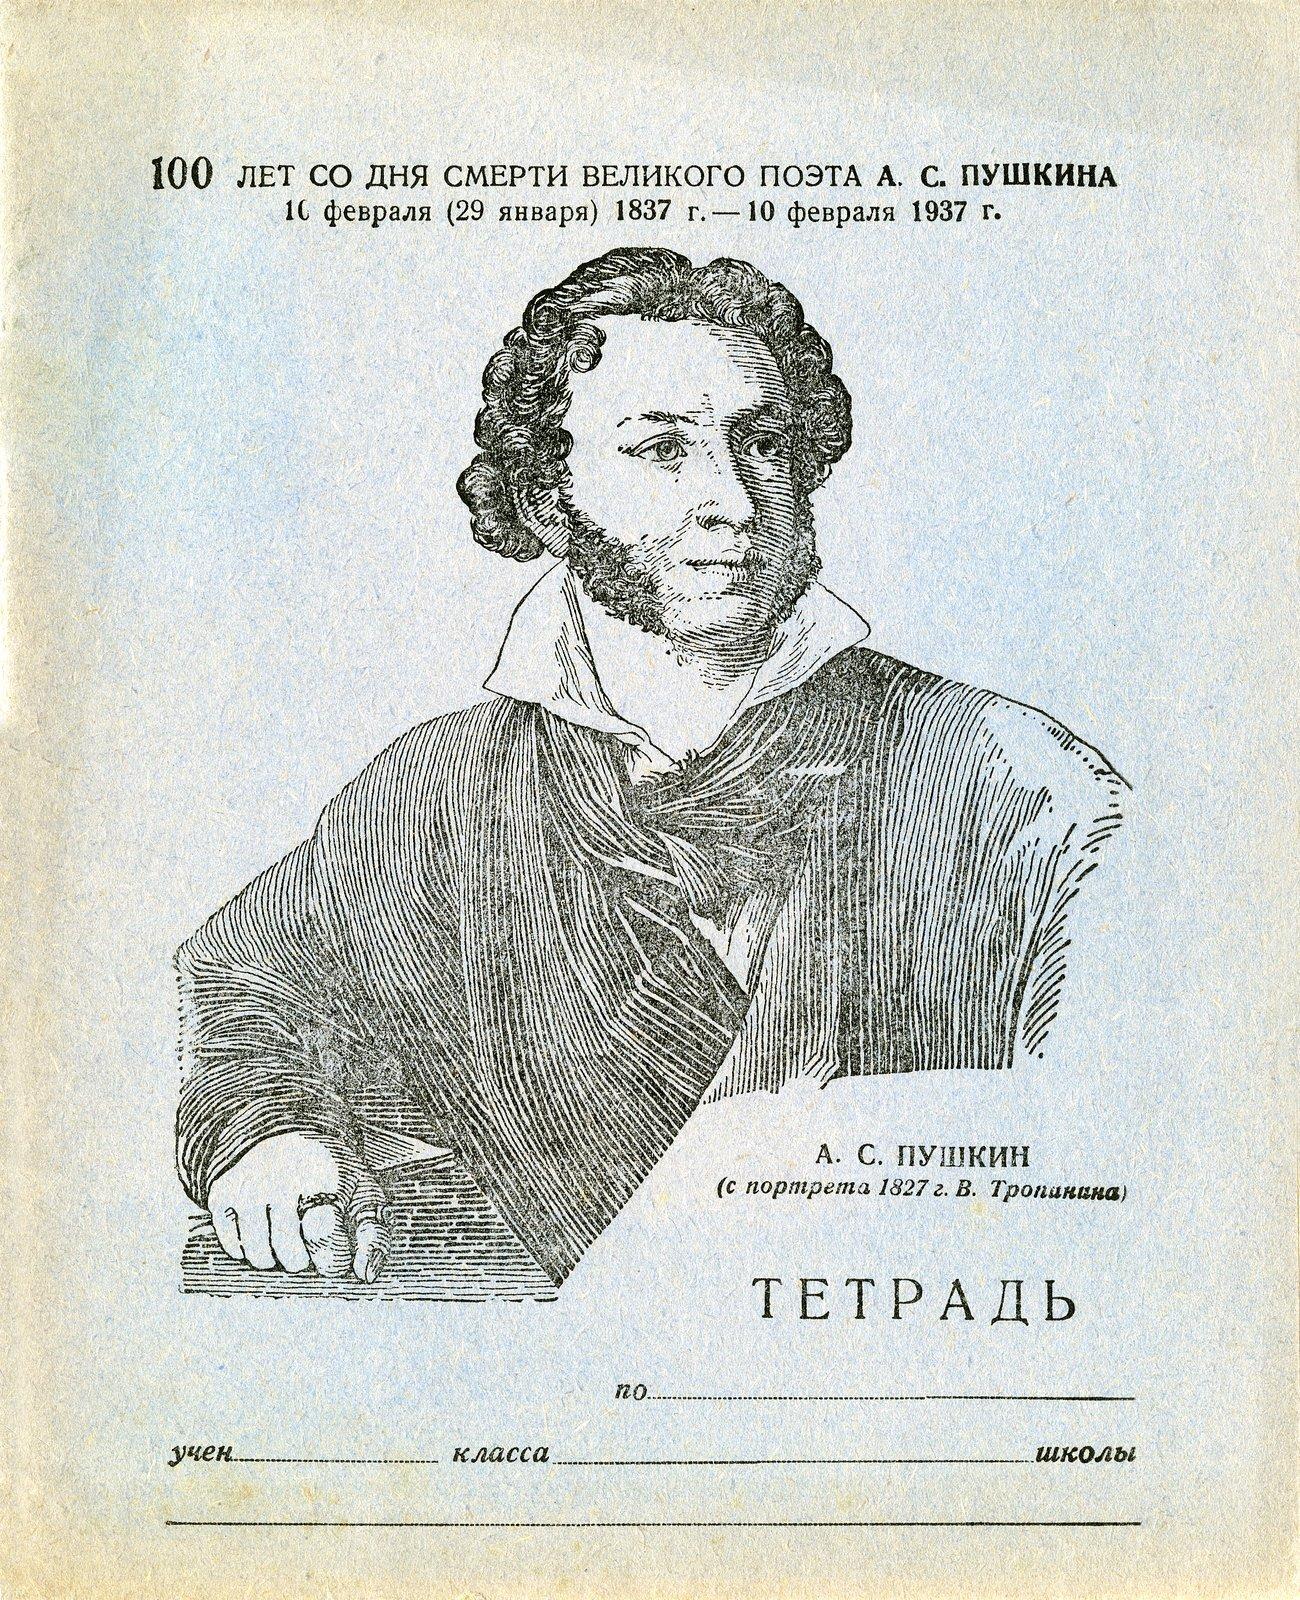 Тетрадь Пушкин, 1937, 170х210